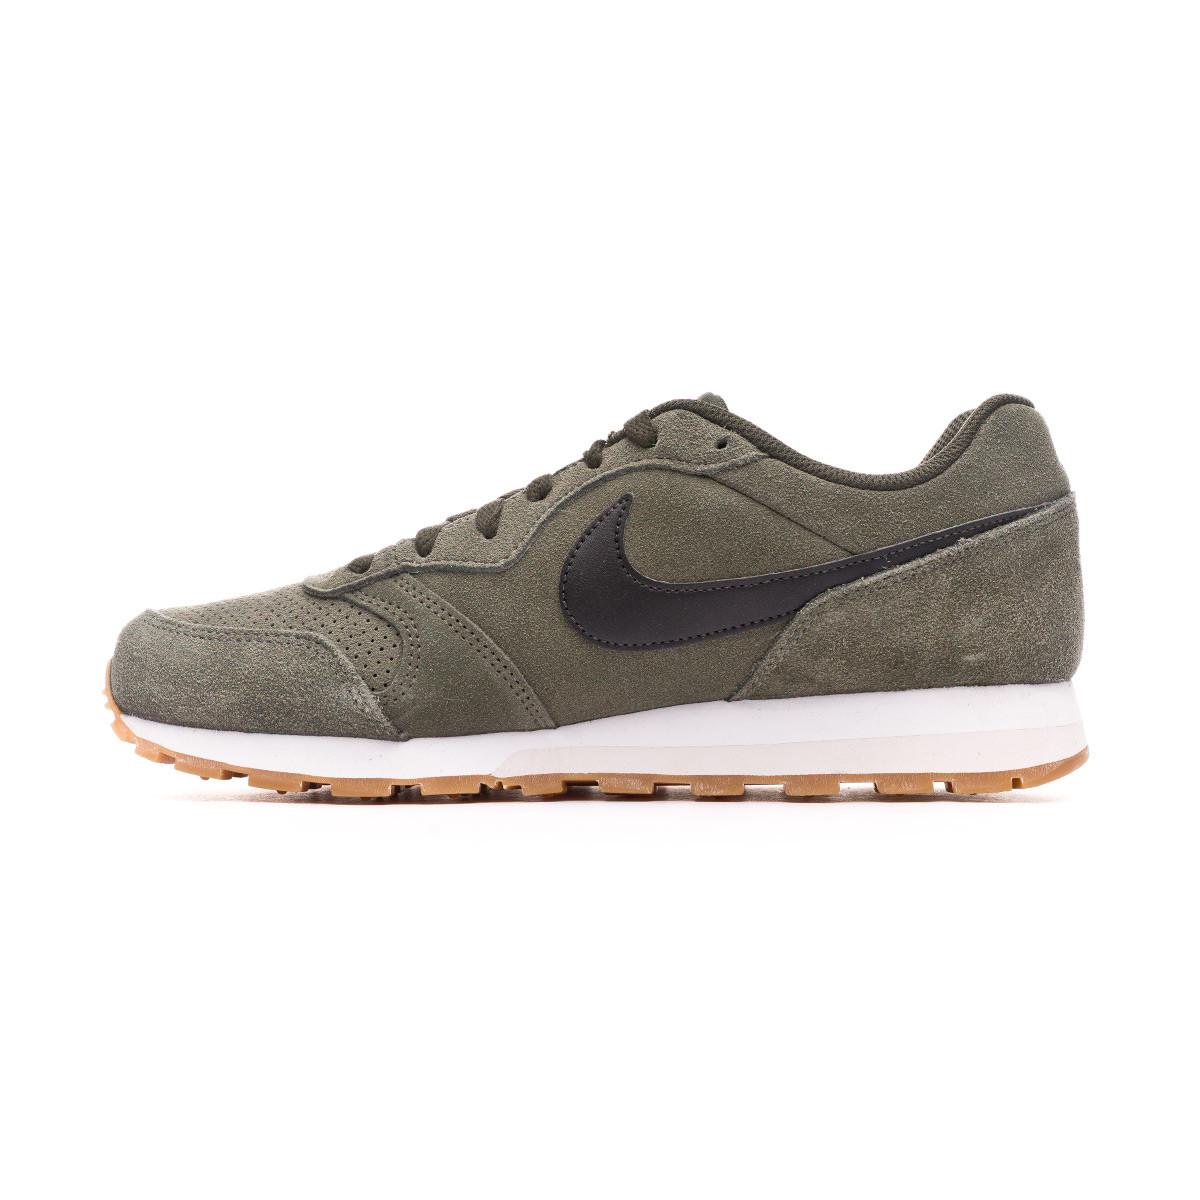 Zapatilla Nike MD Runner II Suede